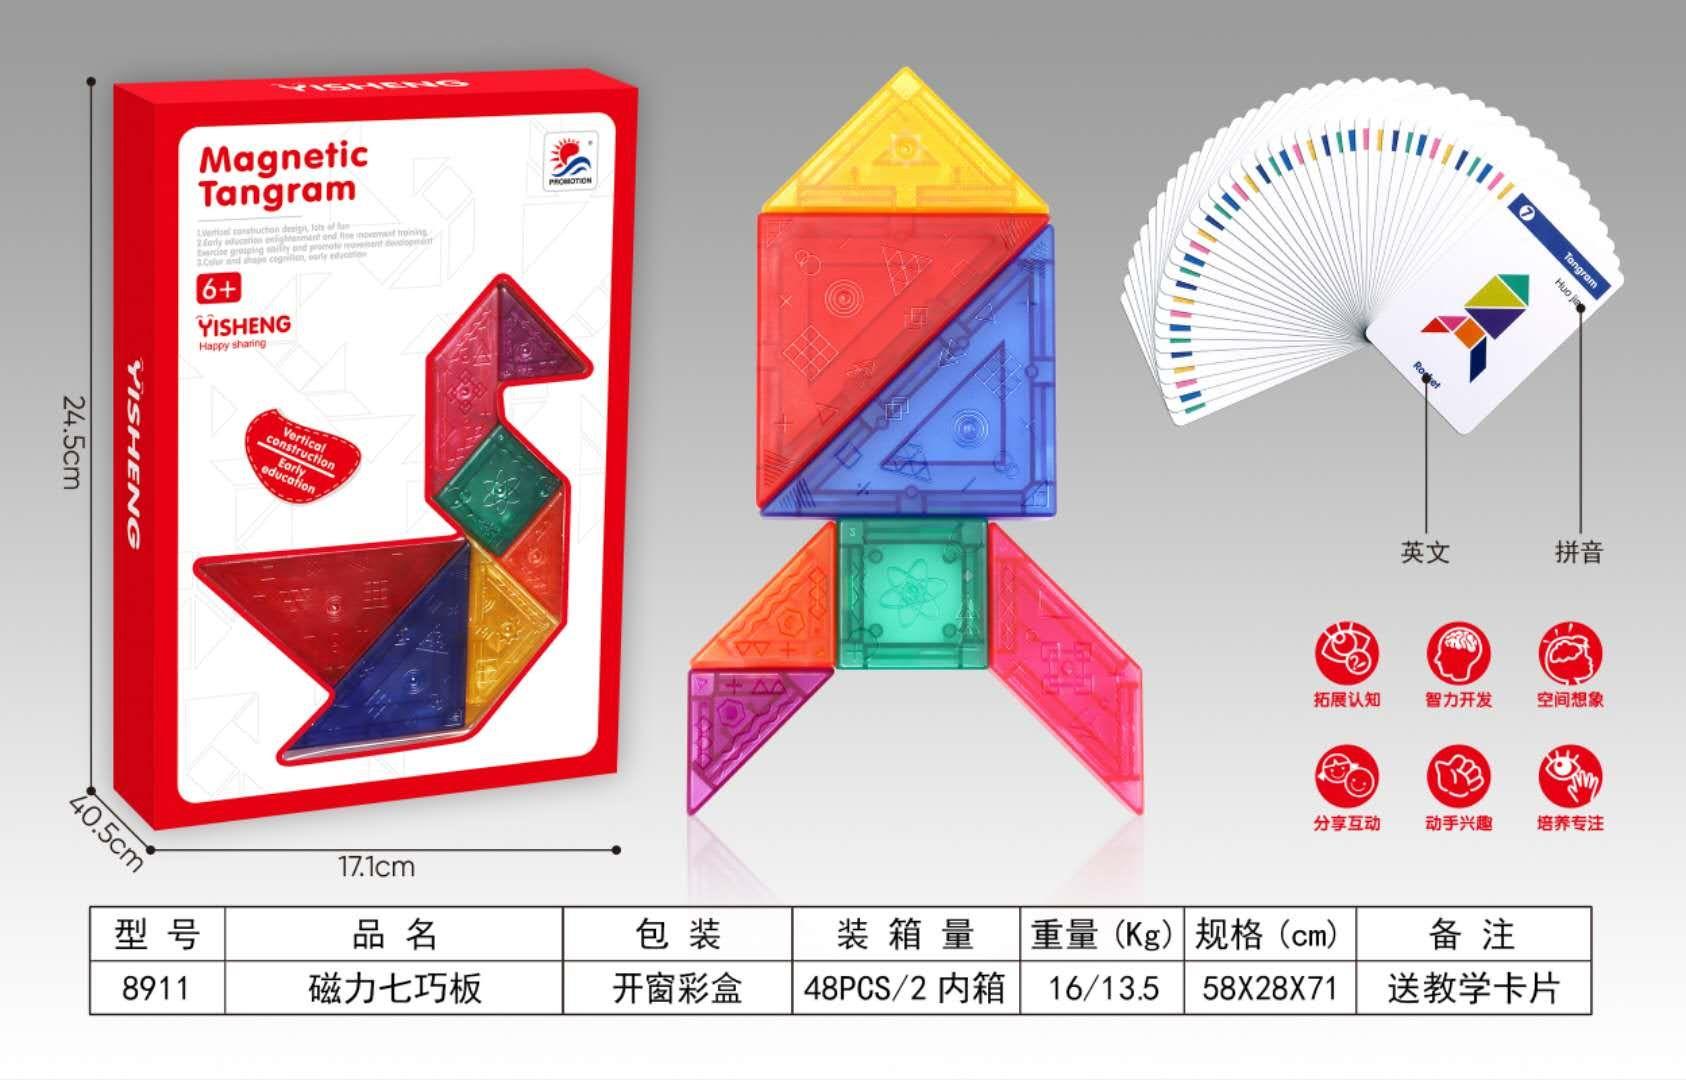 立体高强磁 磁力七巧板 产品2公分厚度 培养孩子动手能力 送教学卡片 益智玩具 一件48盒